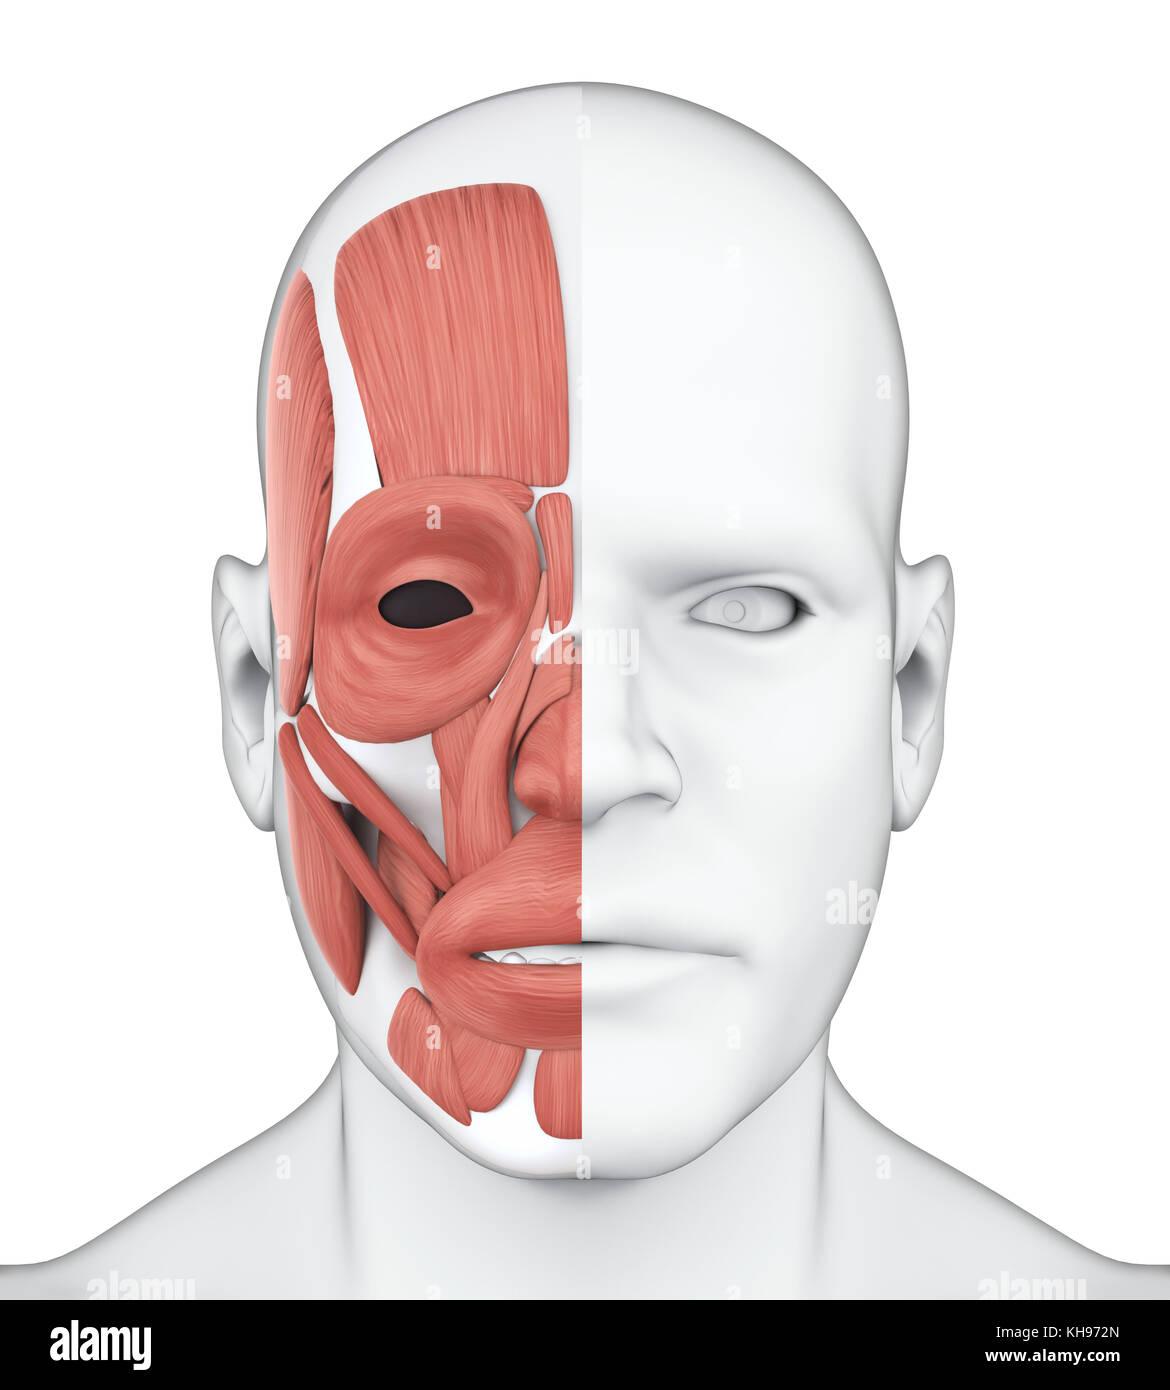 Die gesichtsmuskeln Anatomie Stockfoto, Bild: 165545597 - Alamy